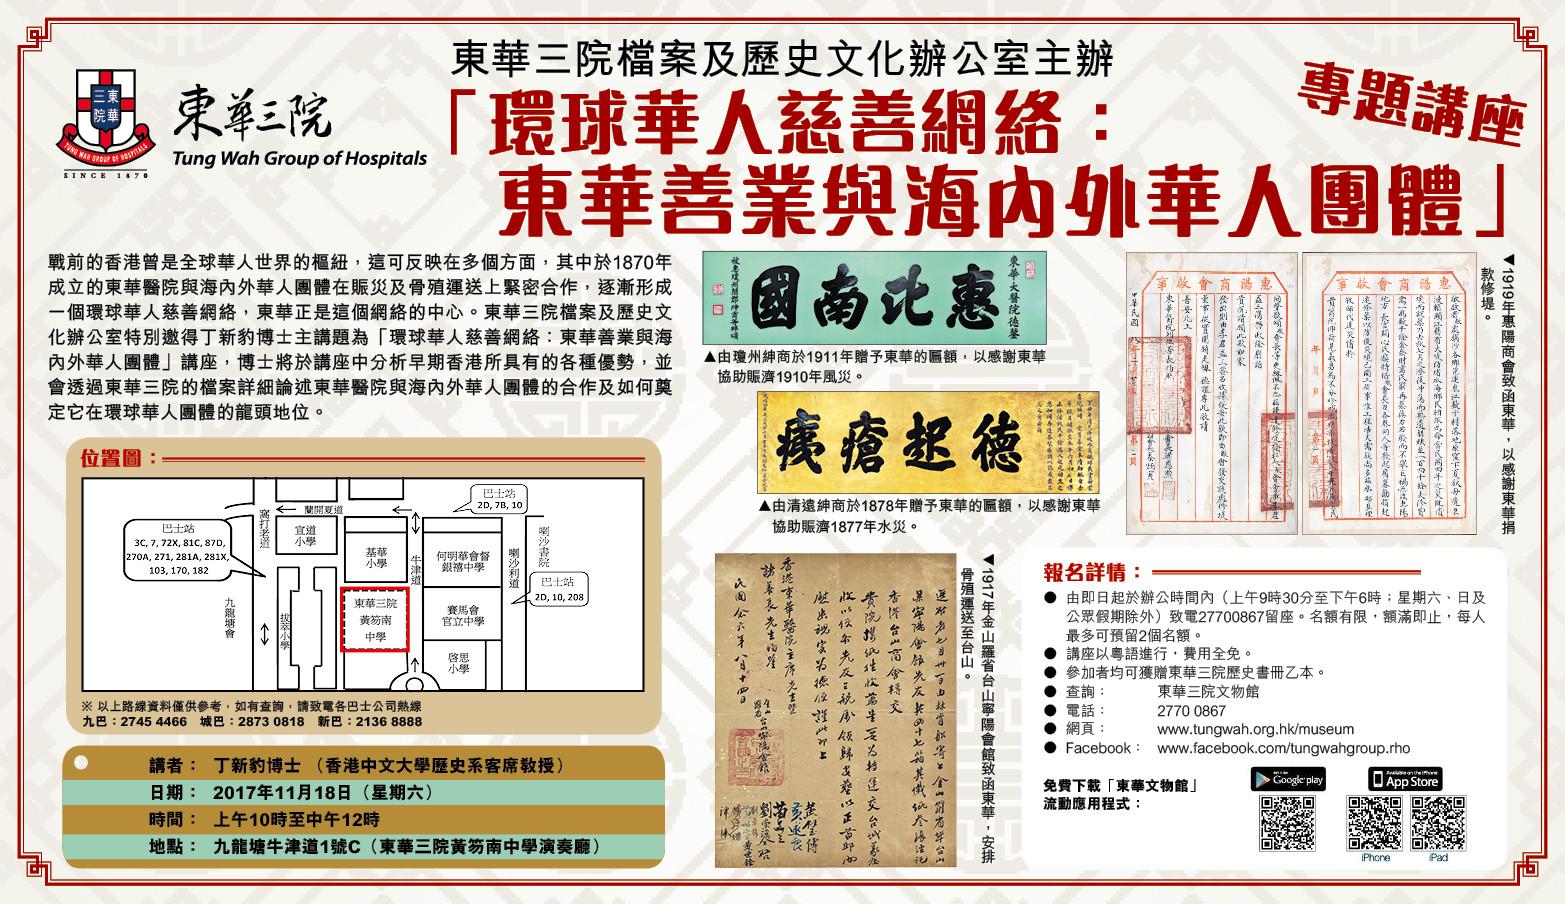 「环球华人慈善网络:东华善业与海内外华人团体」专题讲座广告 - 晴报